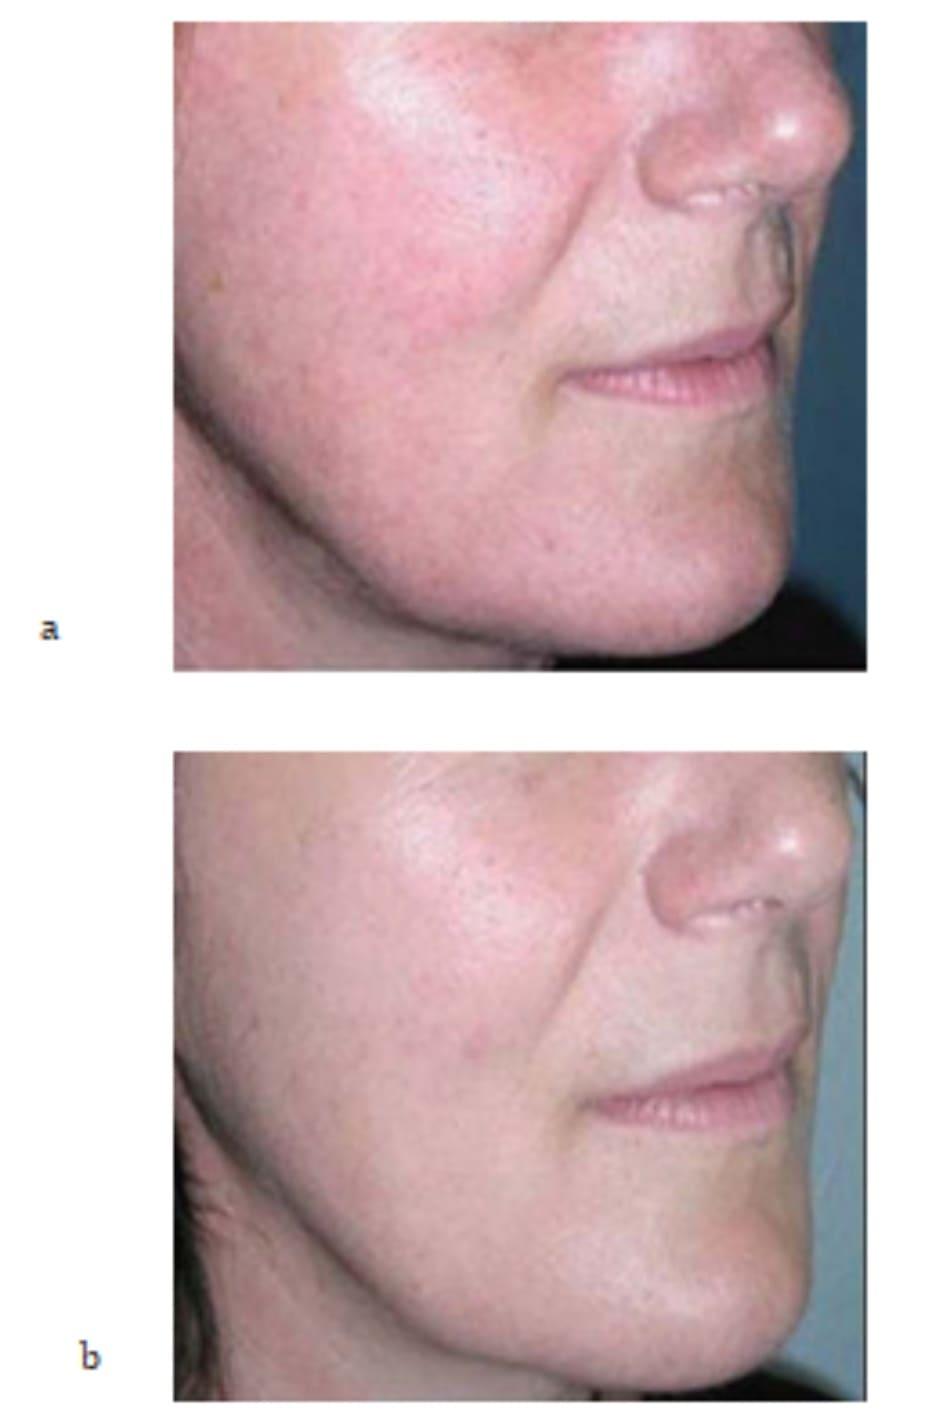 Hình 7.6 (a, b) ảnh chụp phía bên của cùng bệnh nhân trong hình 7.5